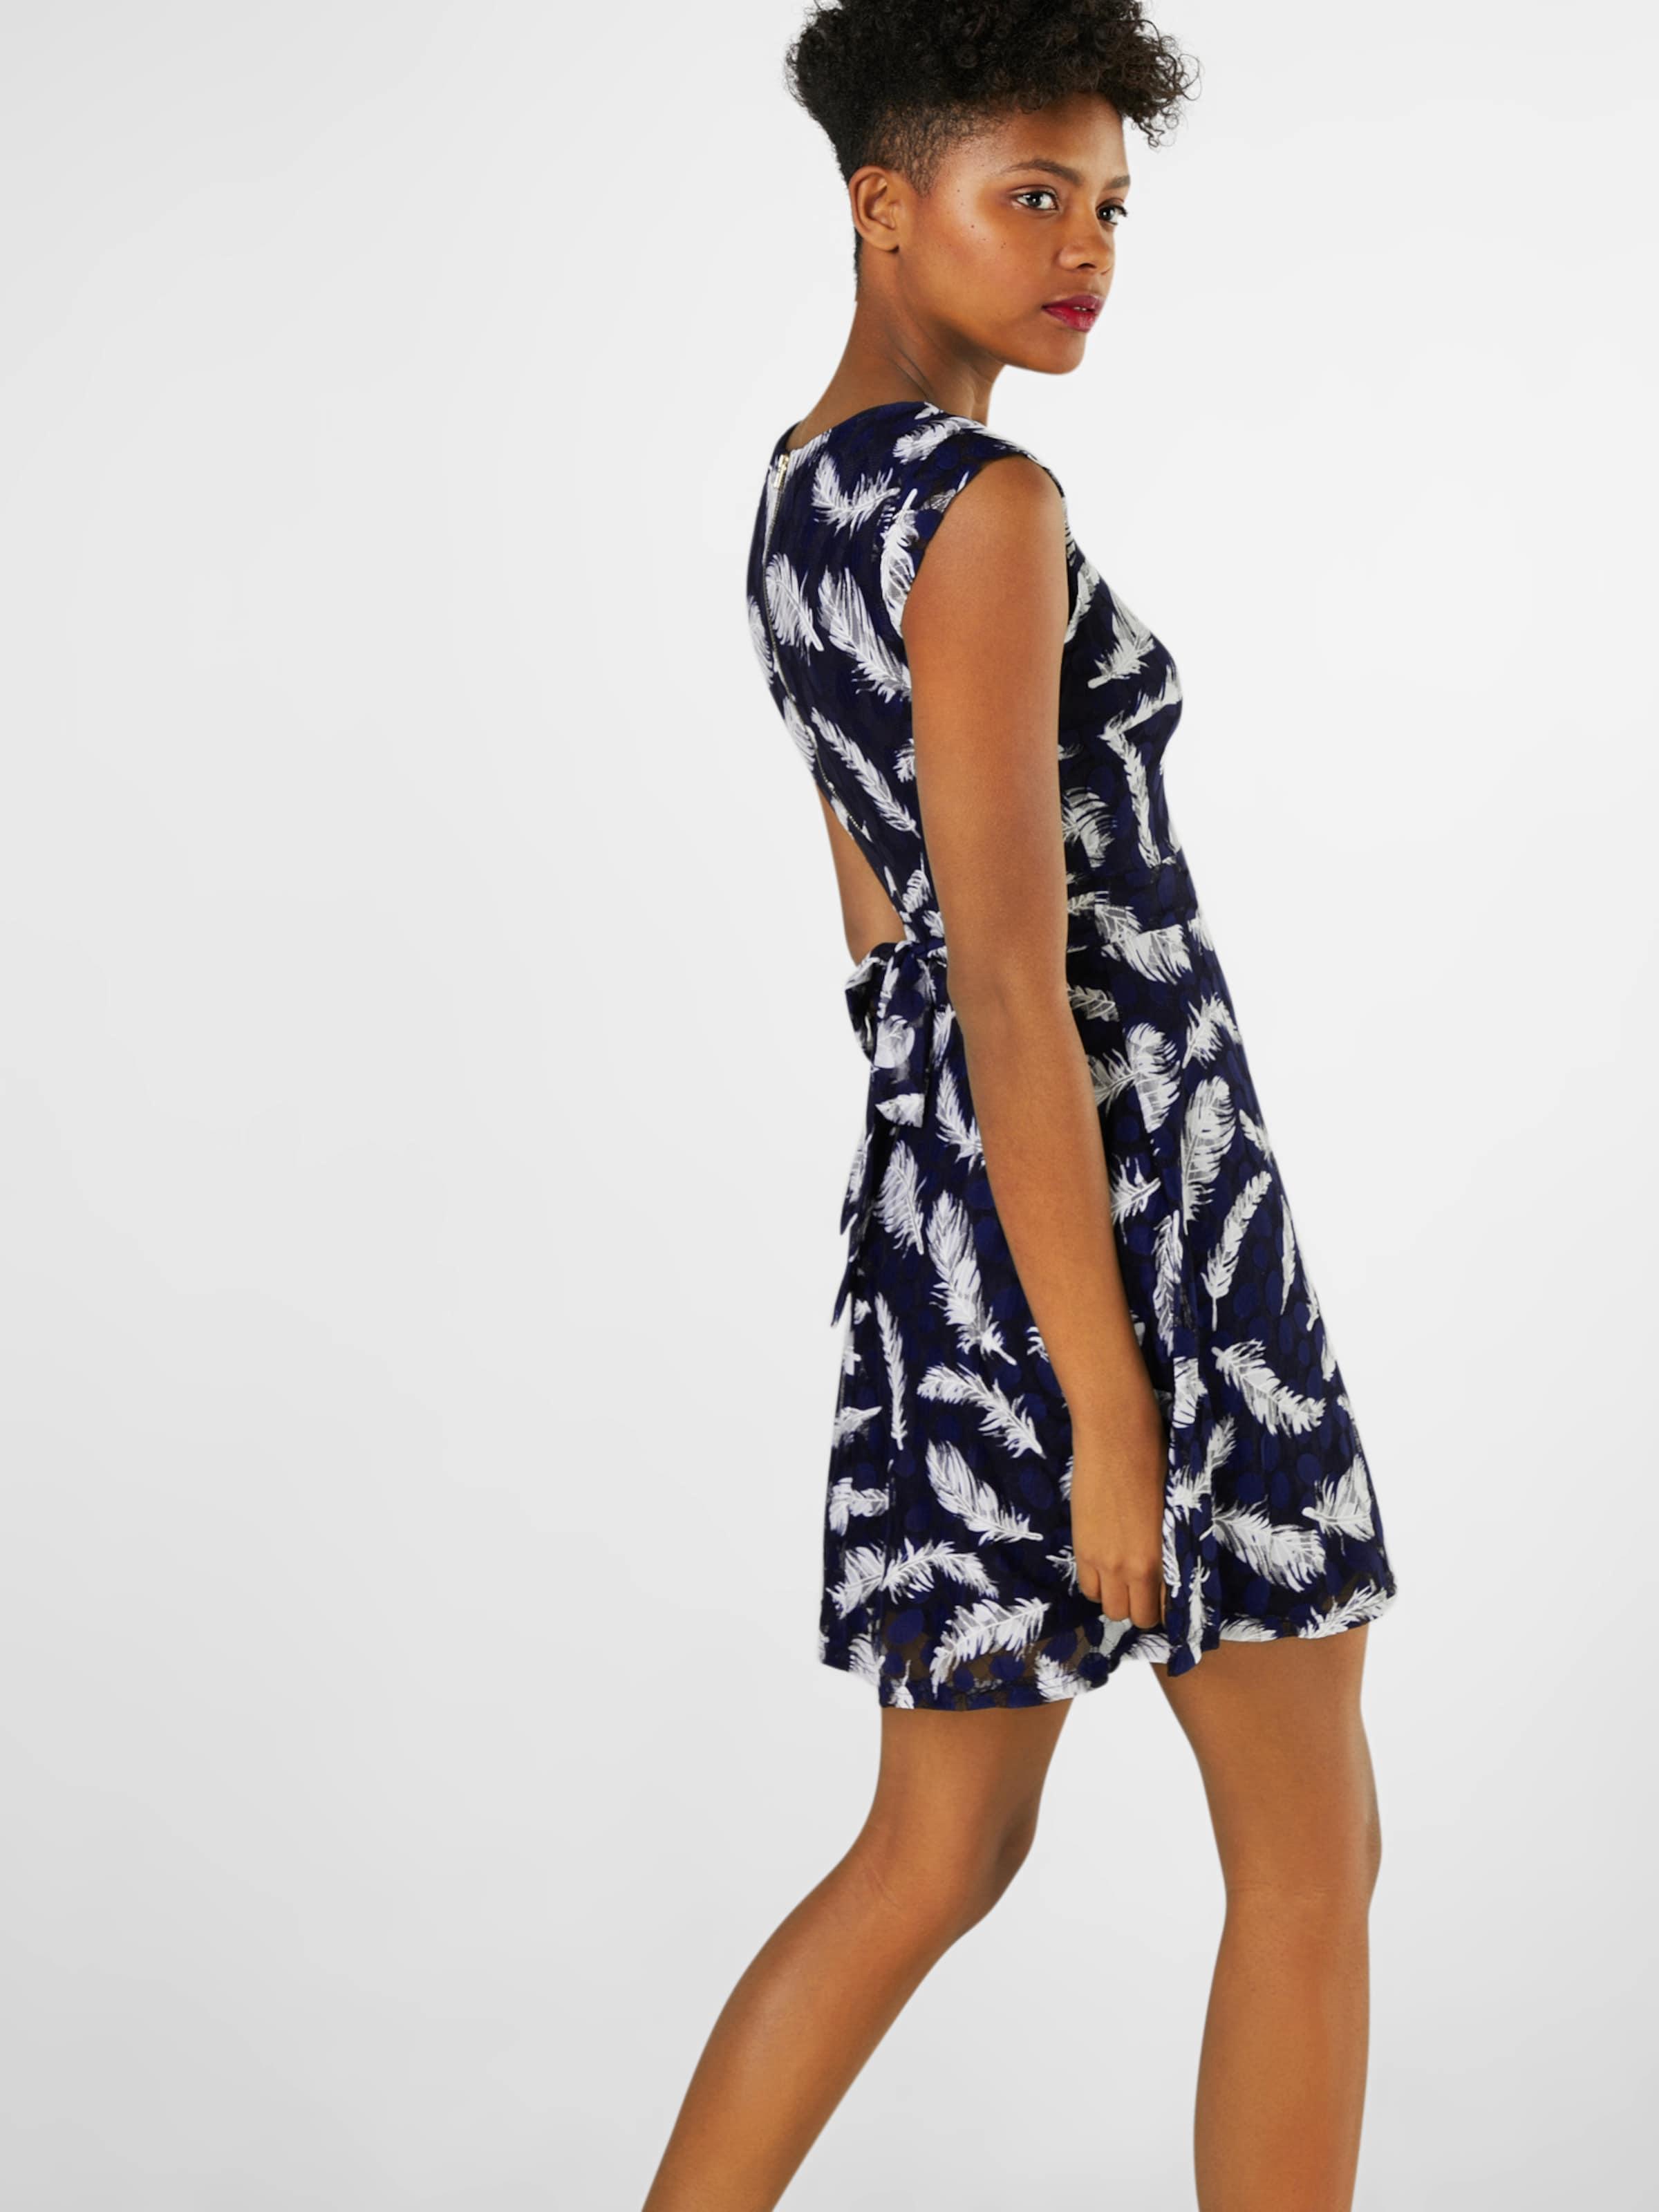 2018 Neuer Günstiger Preis Kauf Mela London Kleid Austrittsstellen Online 4qhgp